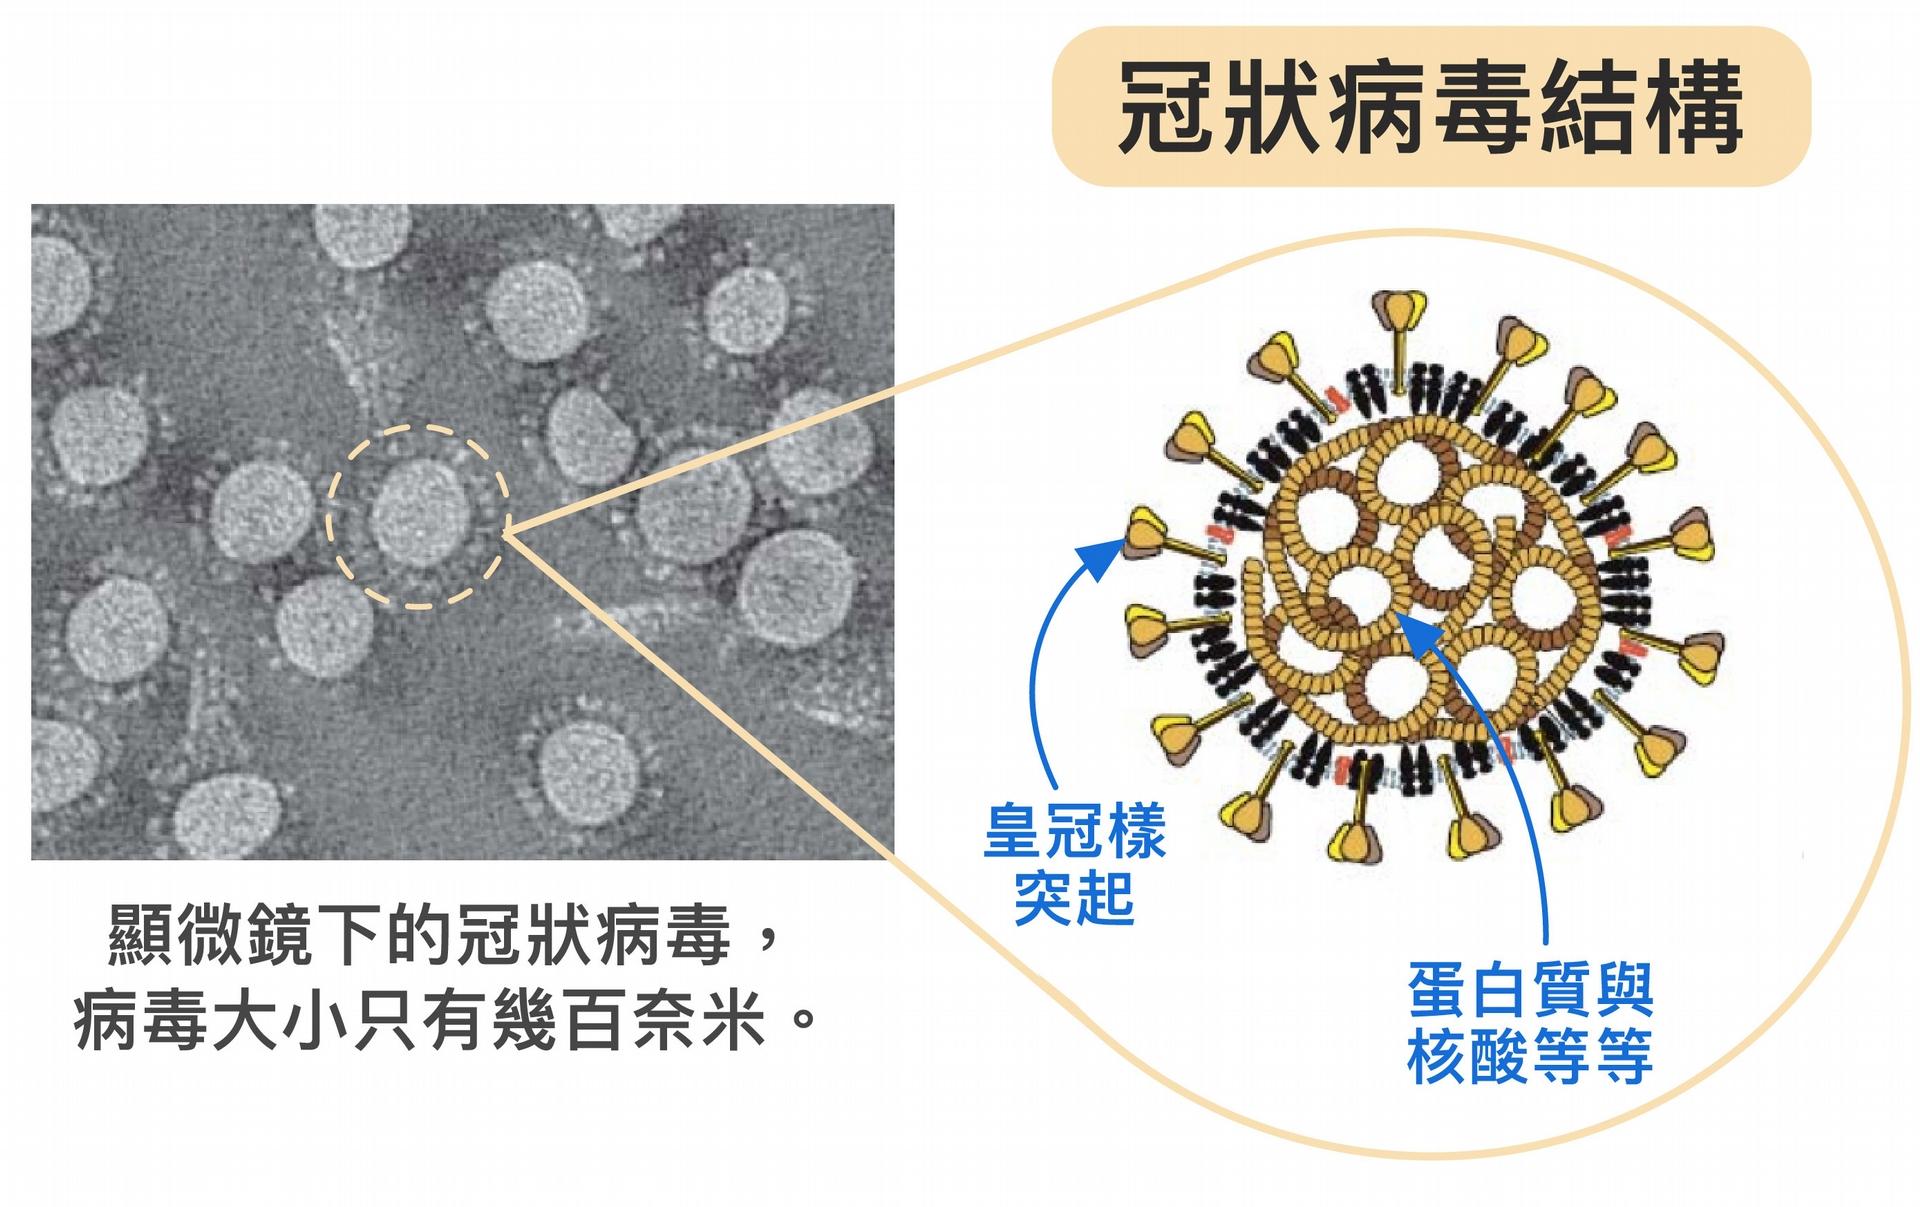 冠狀病毒體型不但非常微小,只有幾百奈米,外表為薄殼,具有特殊皇冠樣突起,內部中空,裝著密度高的蛋白質、基因等。病毒藉由宛如超迷你戰艦的構造,將蛋白質、核酸送入人體並綁架細胞。要是將病毒的成分全部拆解、變成單一的核酸或蛋白質等,威力不會這麼強大。 圖片來源│胡哲銘 圖說美化│林洵安